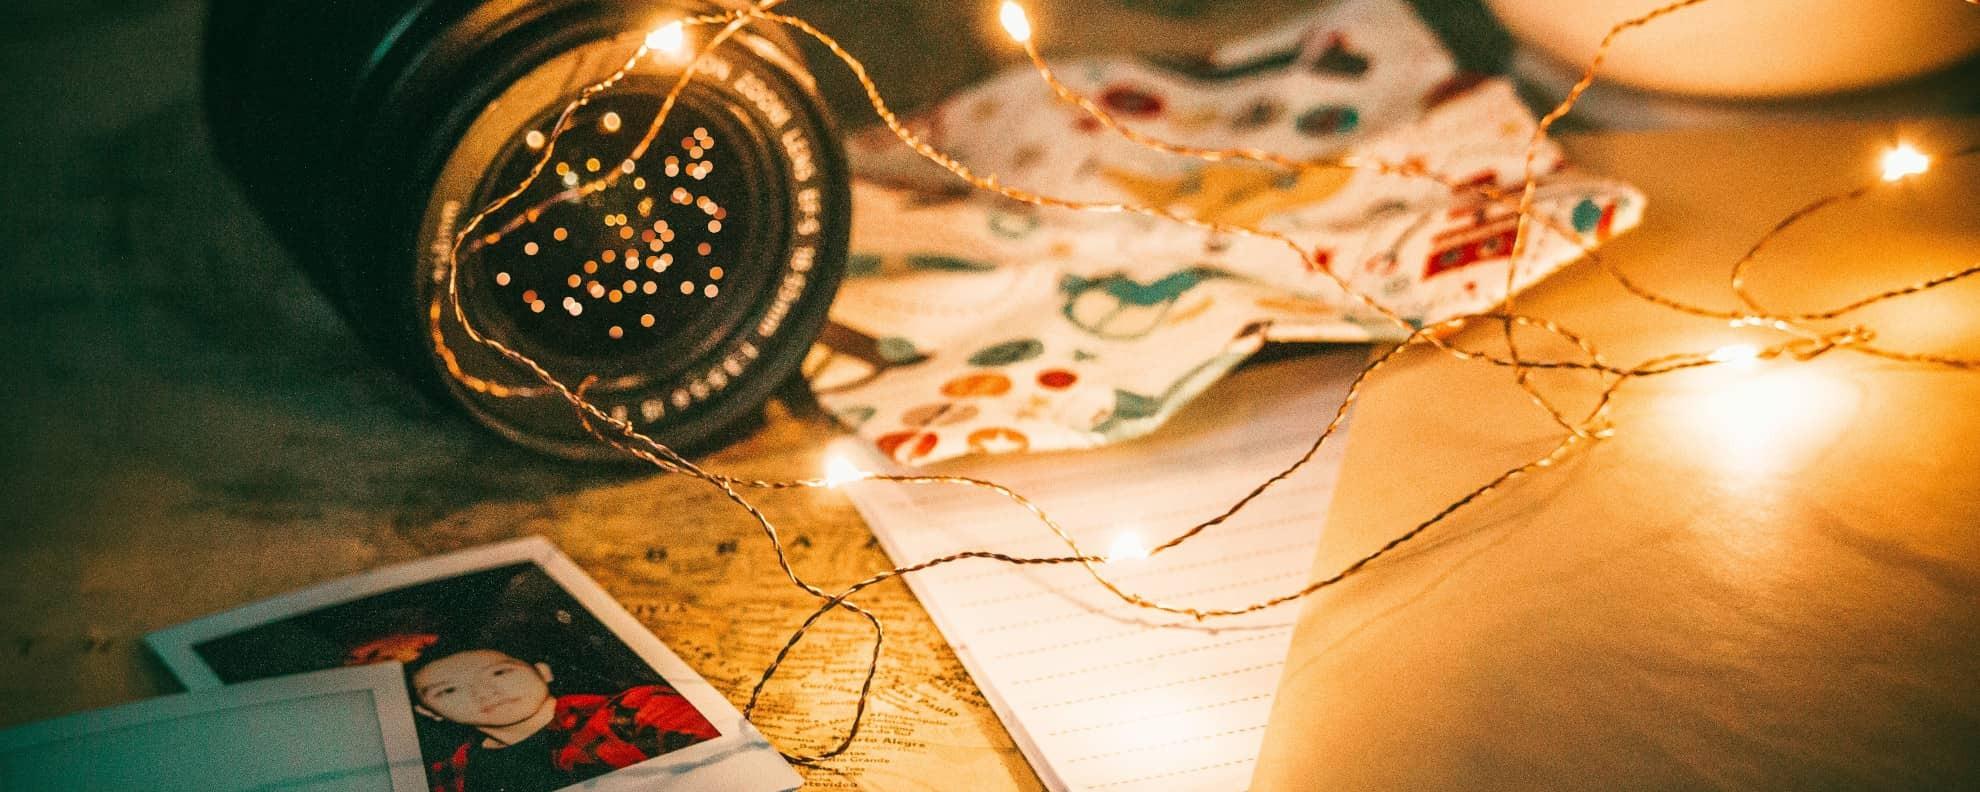 Ausgefallene Weihnachtsgeschenke, die im Gedächtnis bleiben